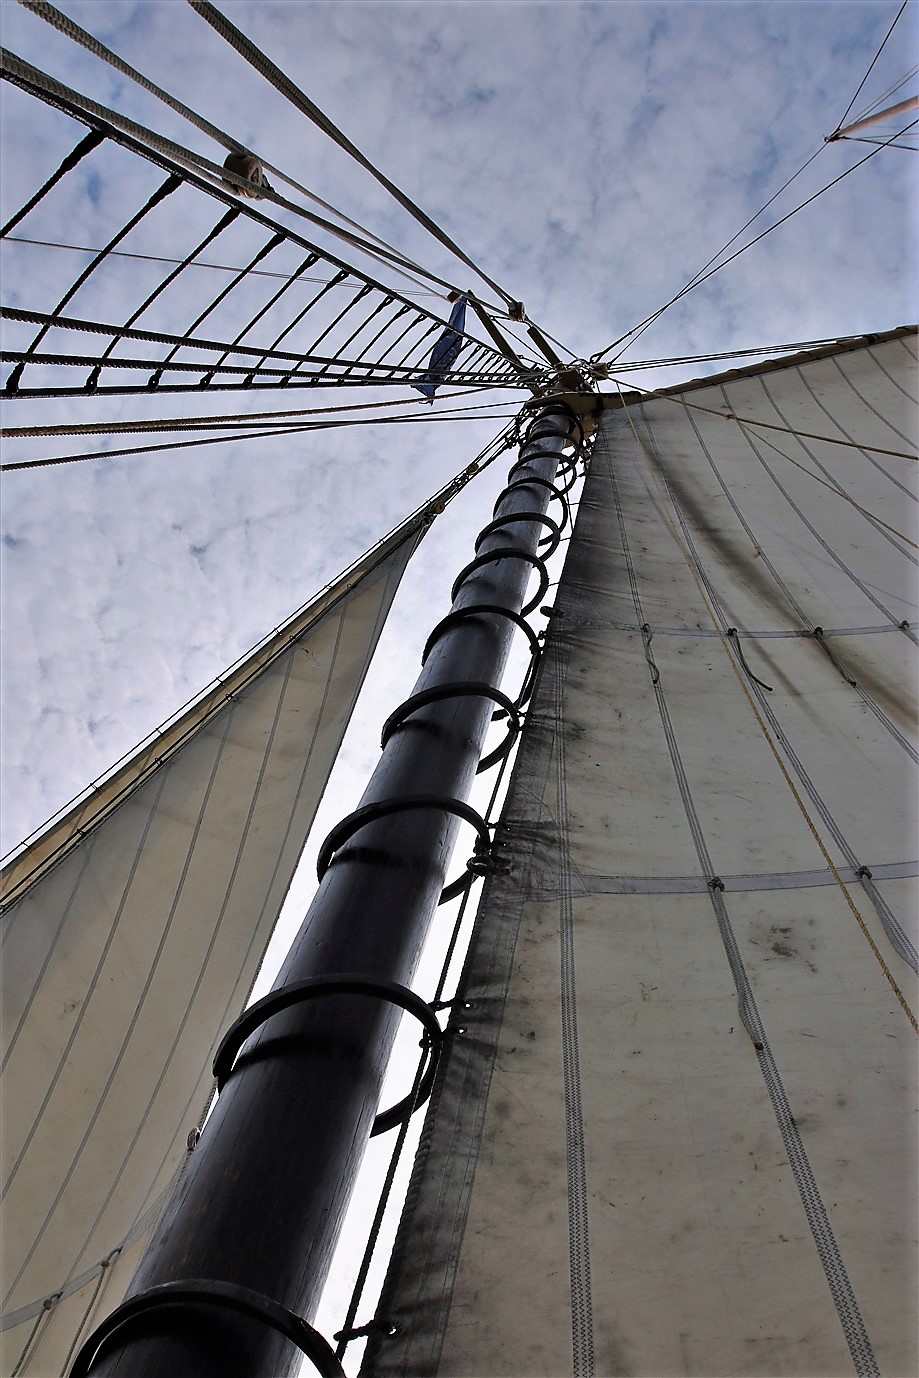 2018 07 14 143 Sandusky OH Festival of Sail.jpg